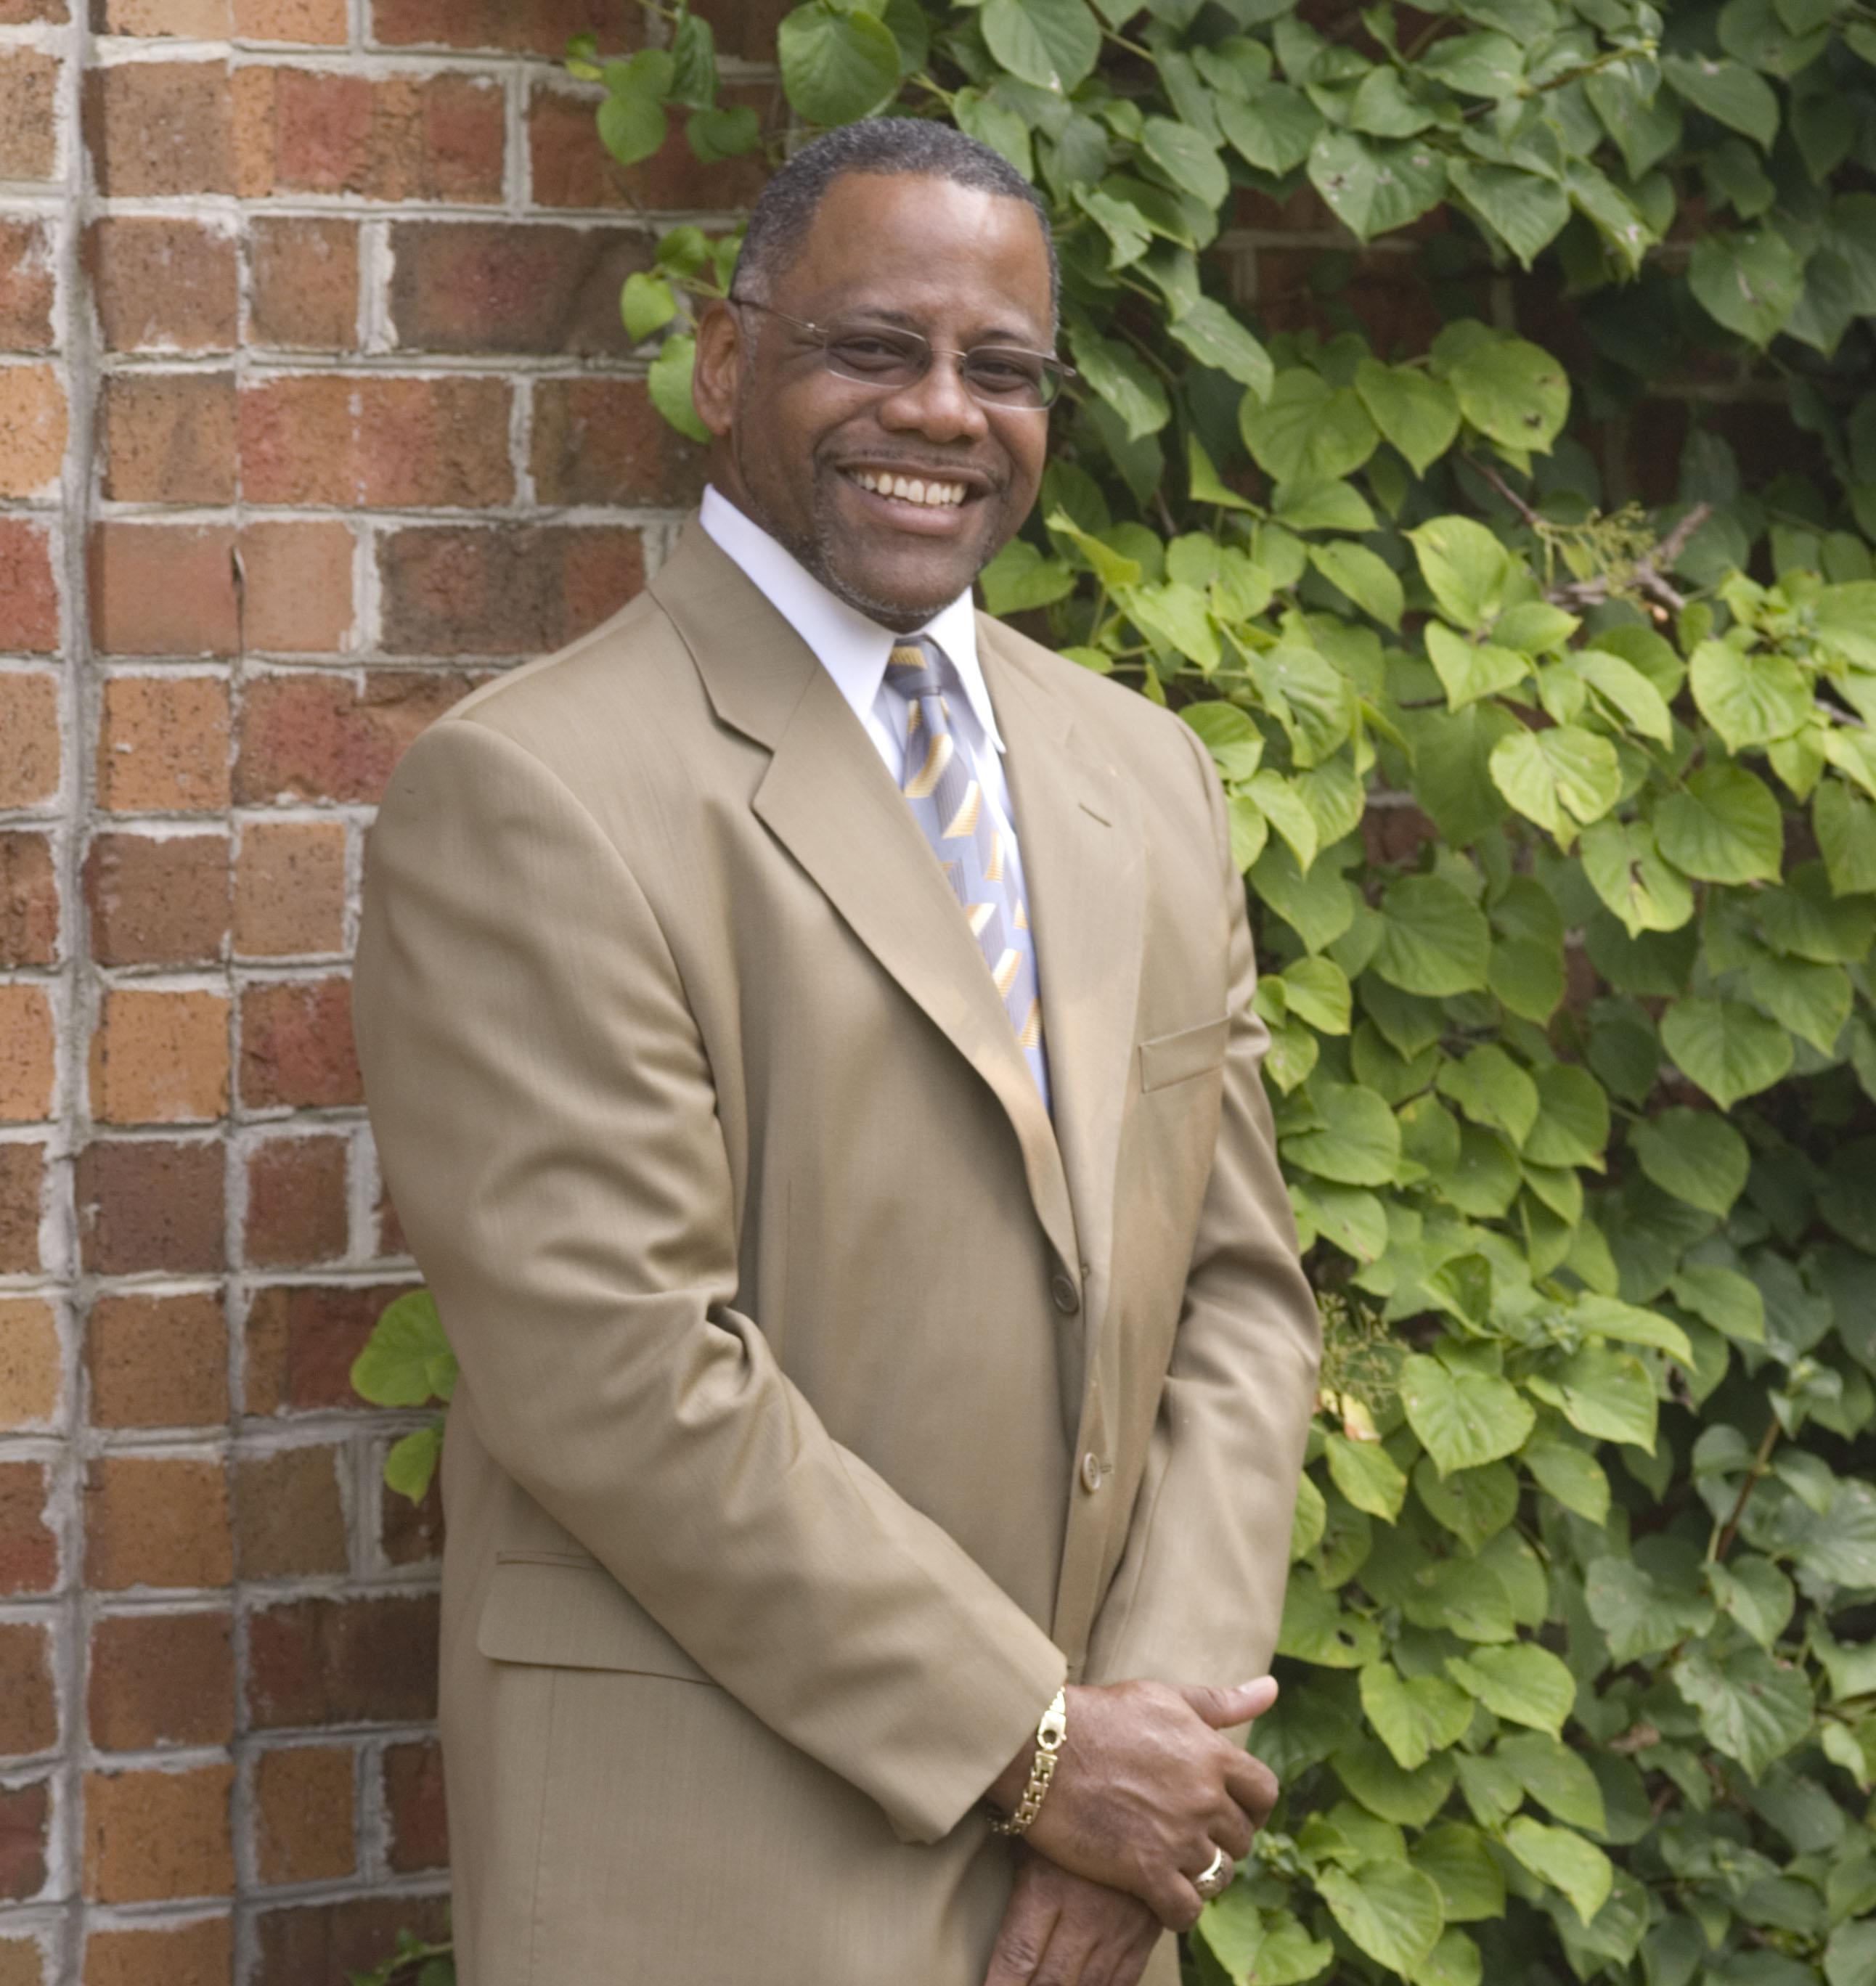 Reggie Buie